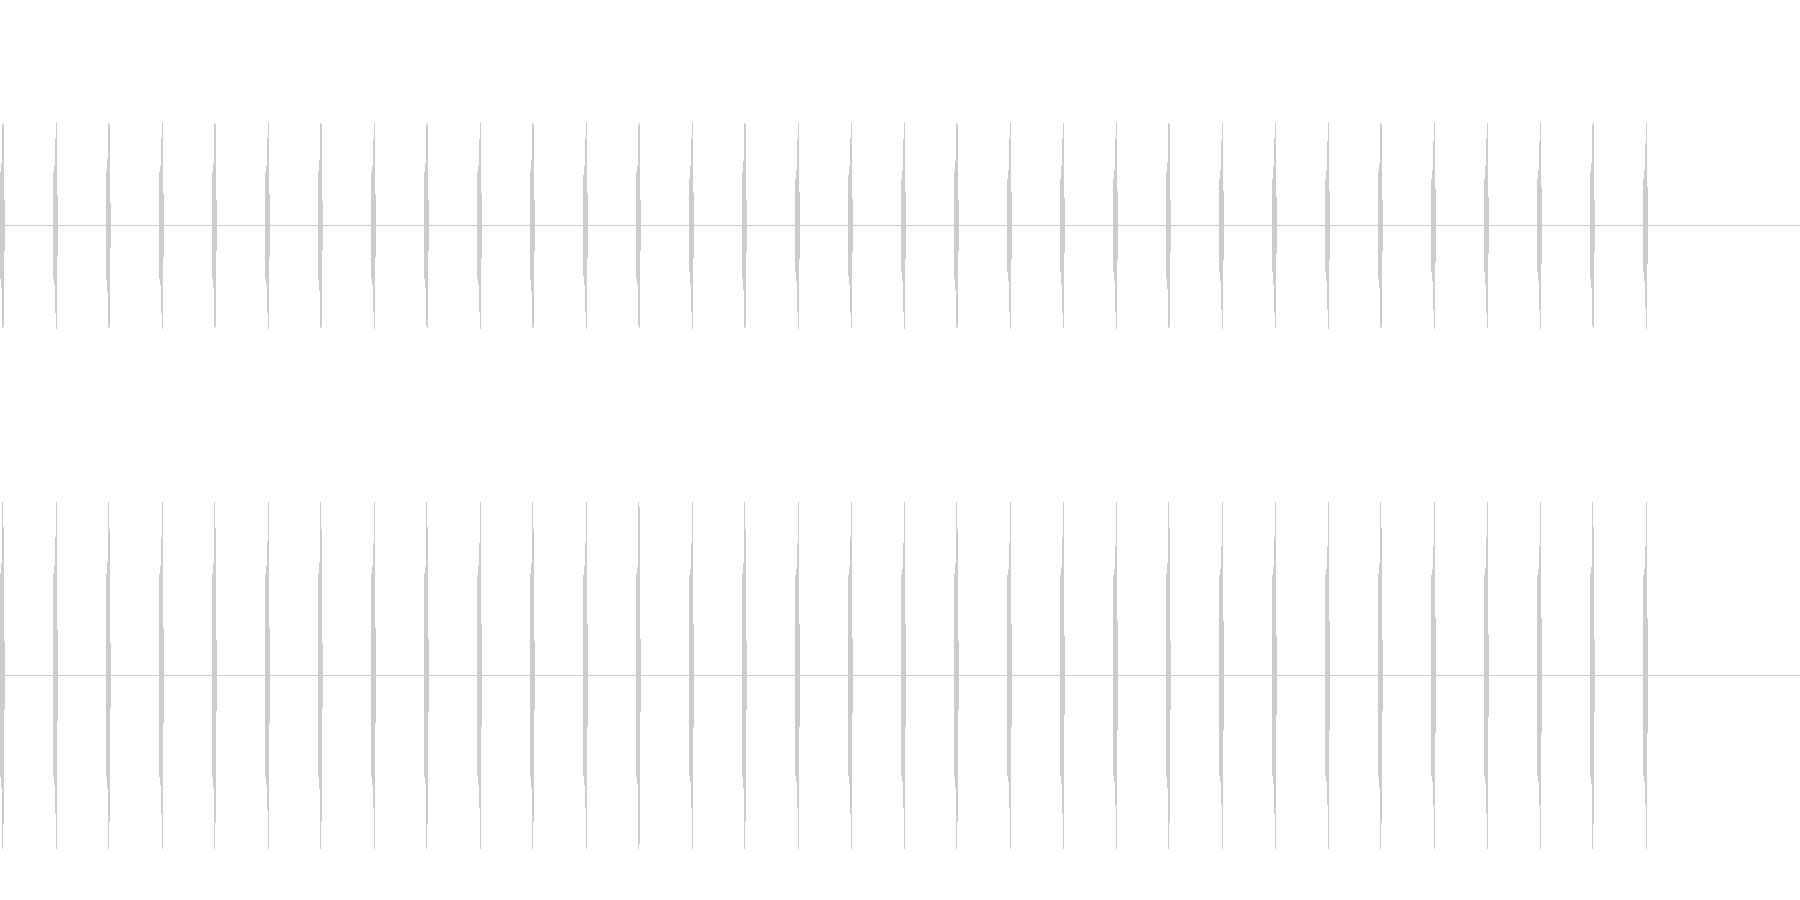 足音 小走り コミカル02の未再生の波形